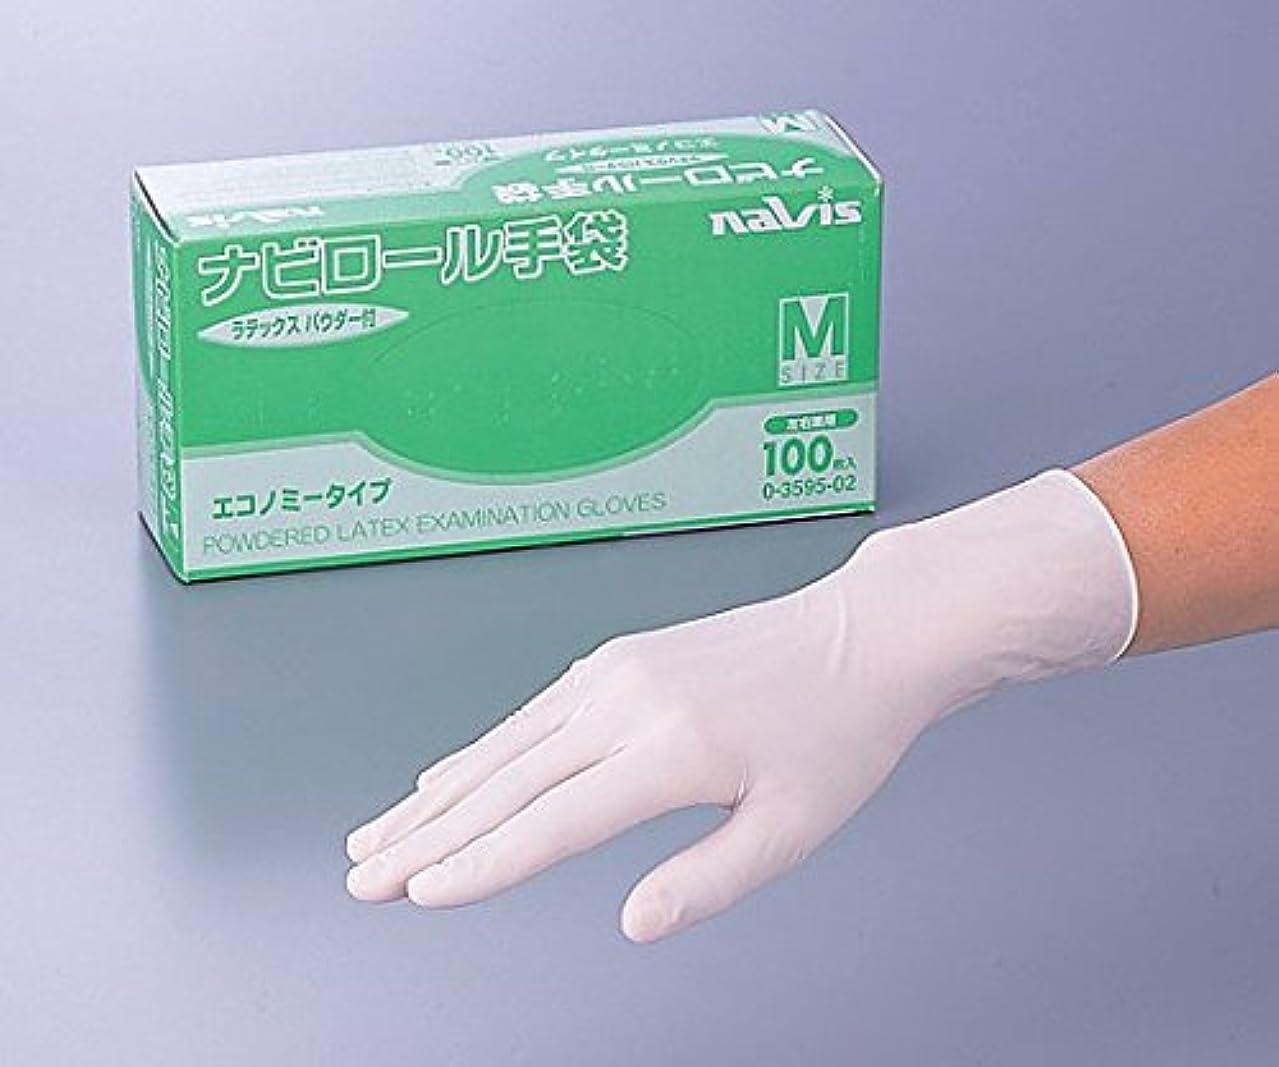 民族主義罰対応するアズワン0-3595-02ナビロール手袋(エコノミータイプ?パウダー付)M100枚入